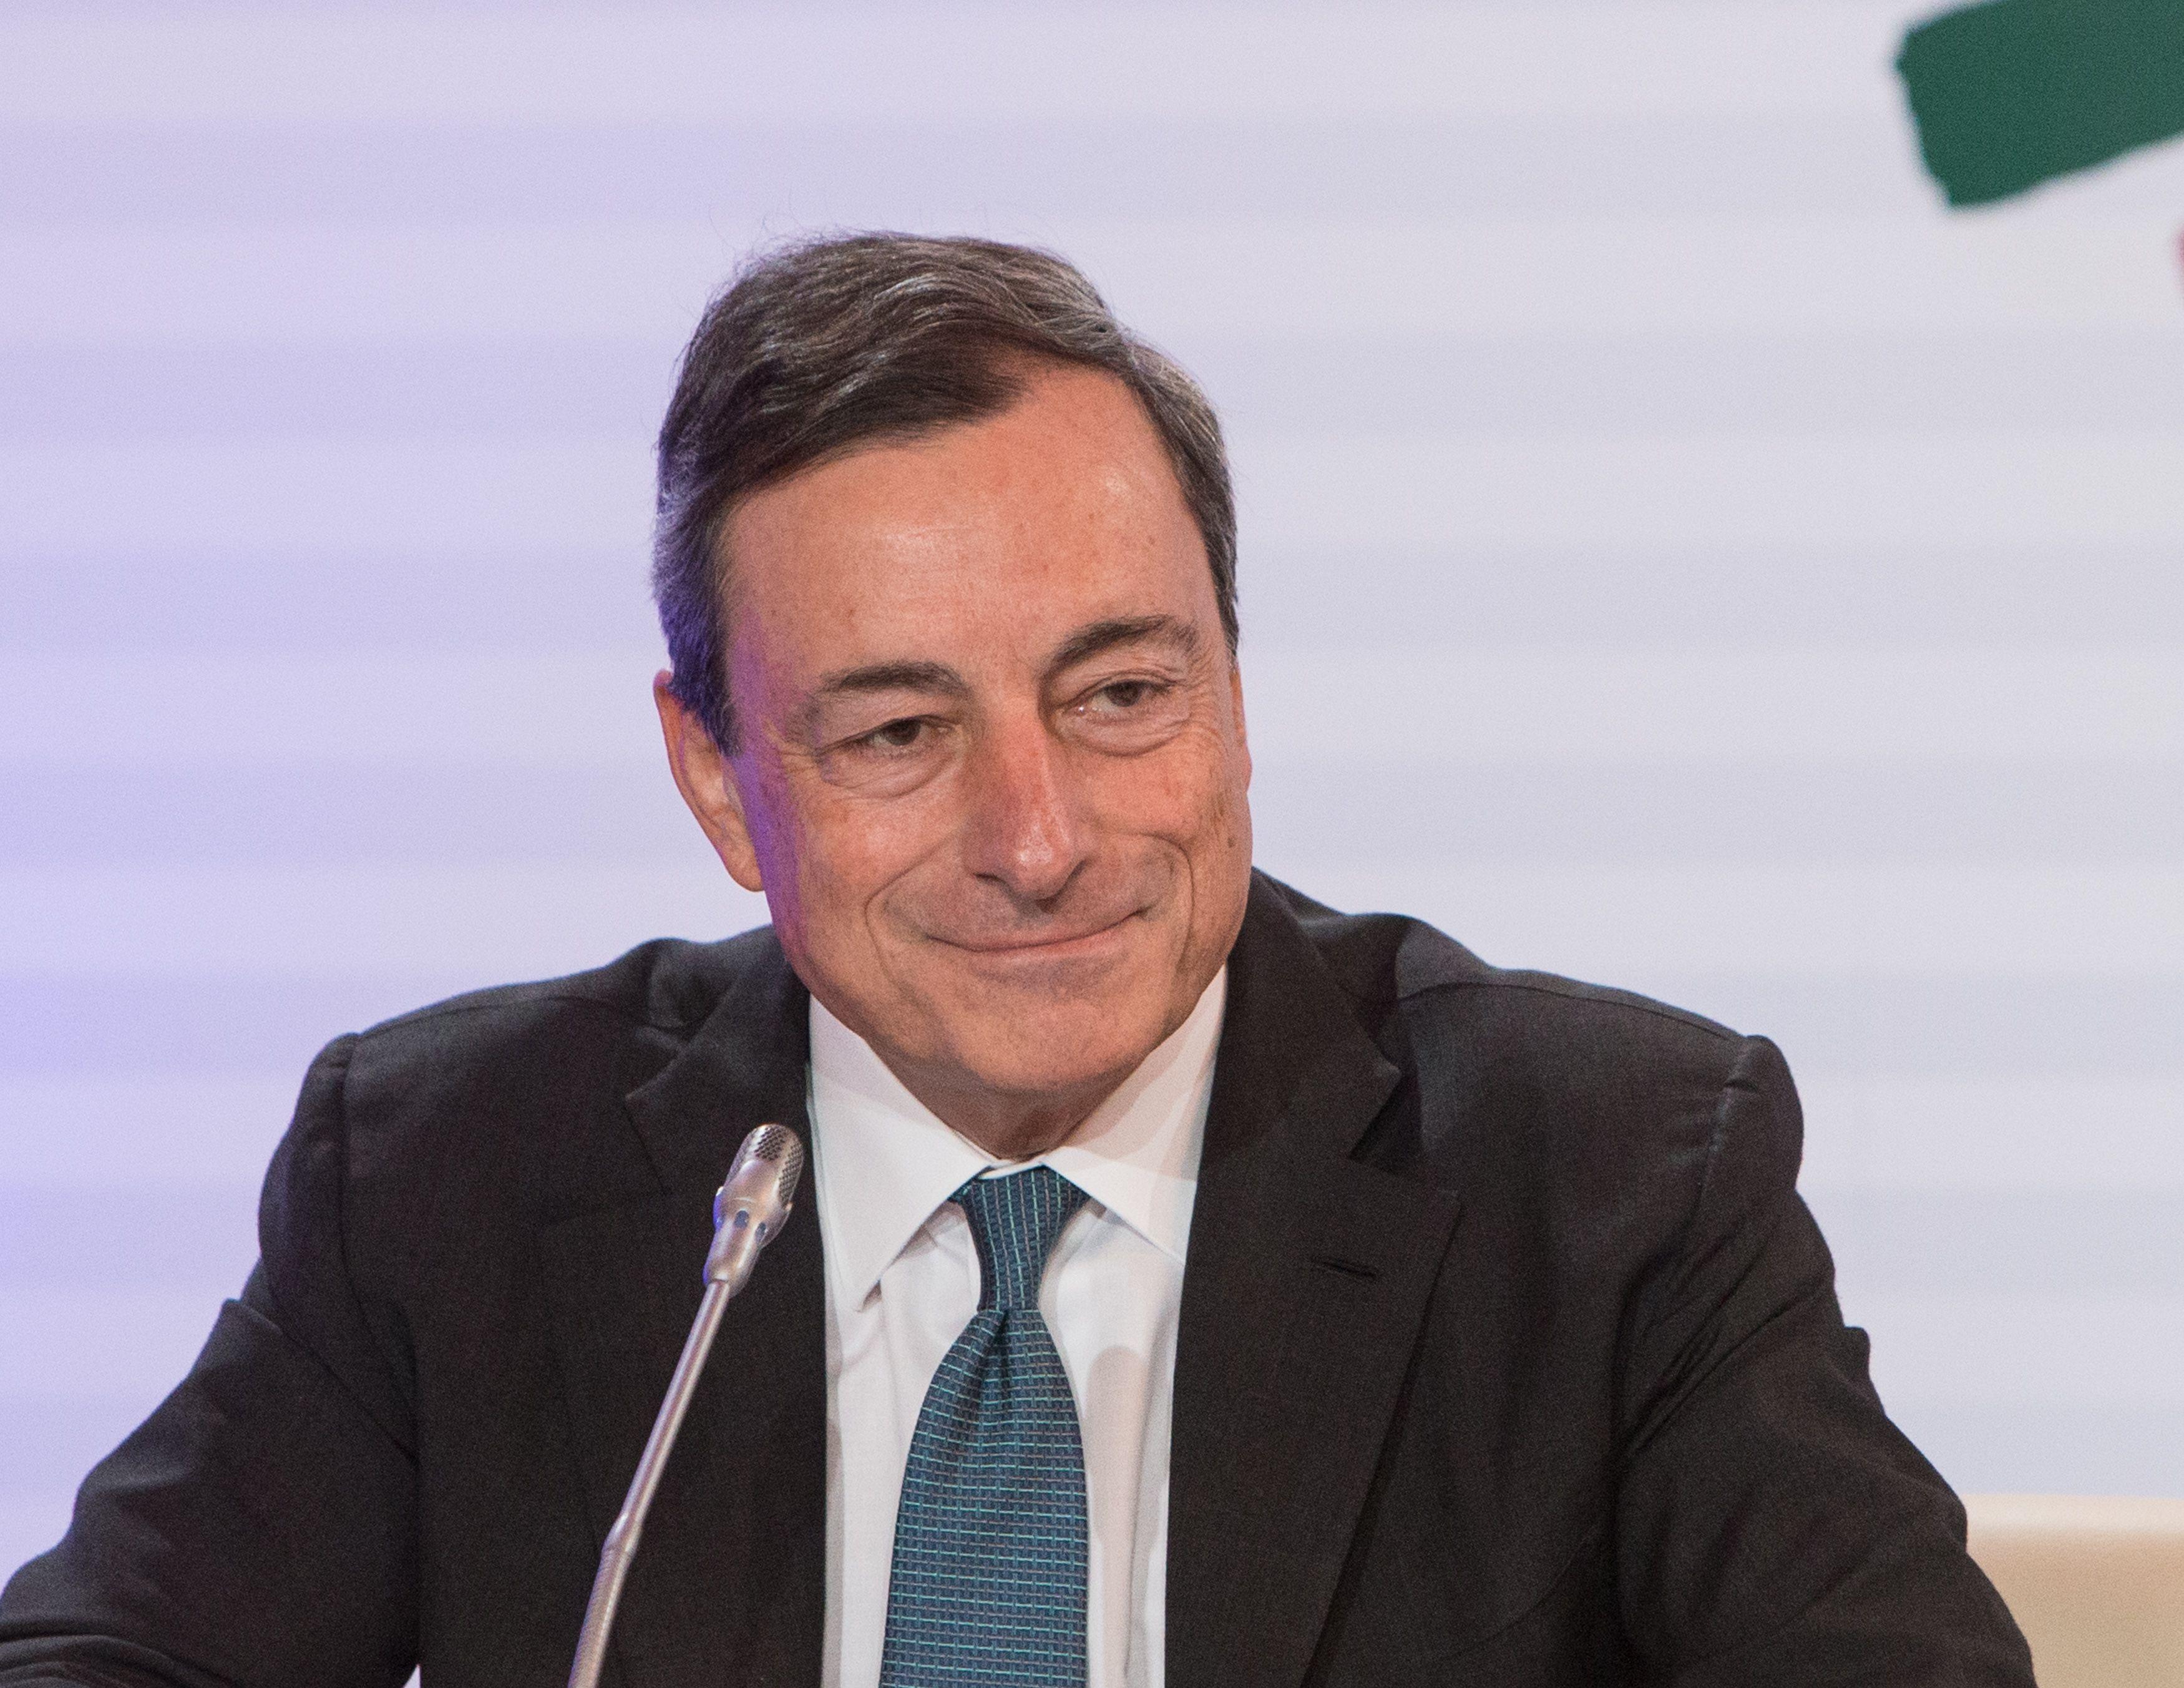 Mario Draghi, Europos centrinio banko (ECB) prezidentas. Juditos Grigelyt�s (V�) nuotr.